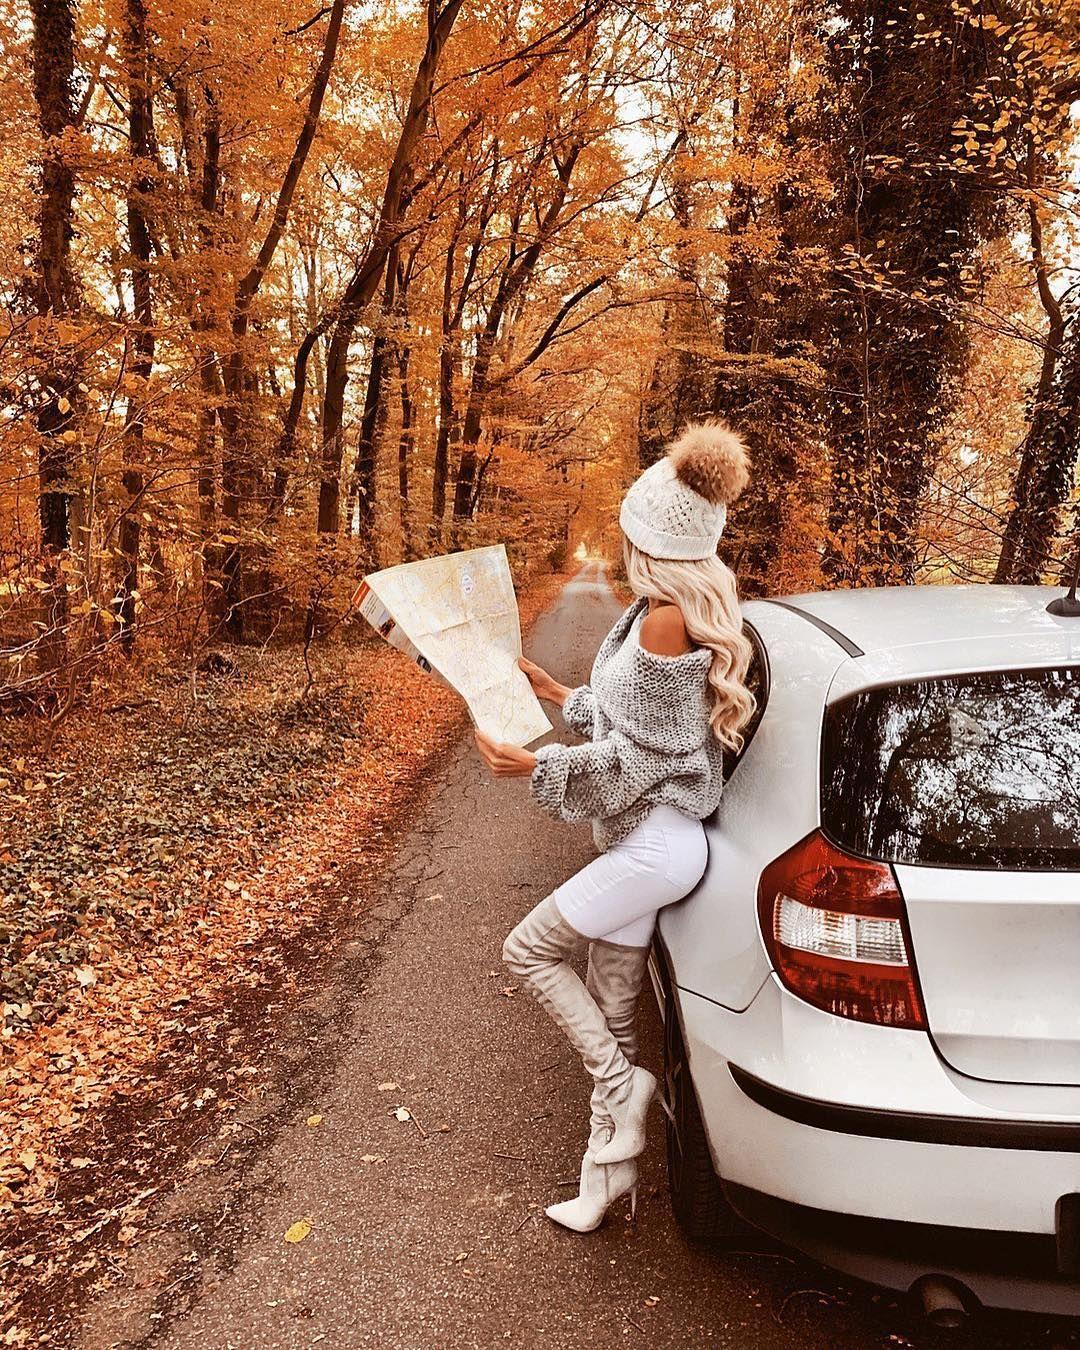 """Lena Saibel???? on Instagram: """"H A P P Y  F R I D A Y ☺️ Habt ein schönes Wochenende ihr süßen ???????????????? ————————————————————- #foodblogger #autumn #blogpost #blogger…"""" #falltumblr"""